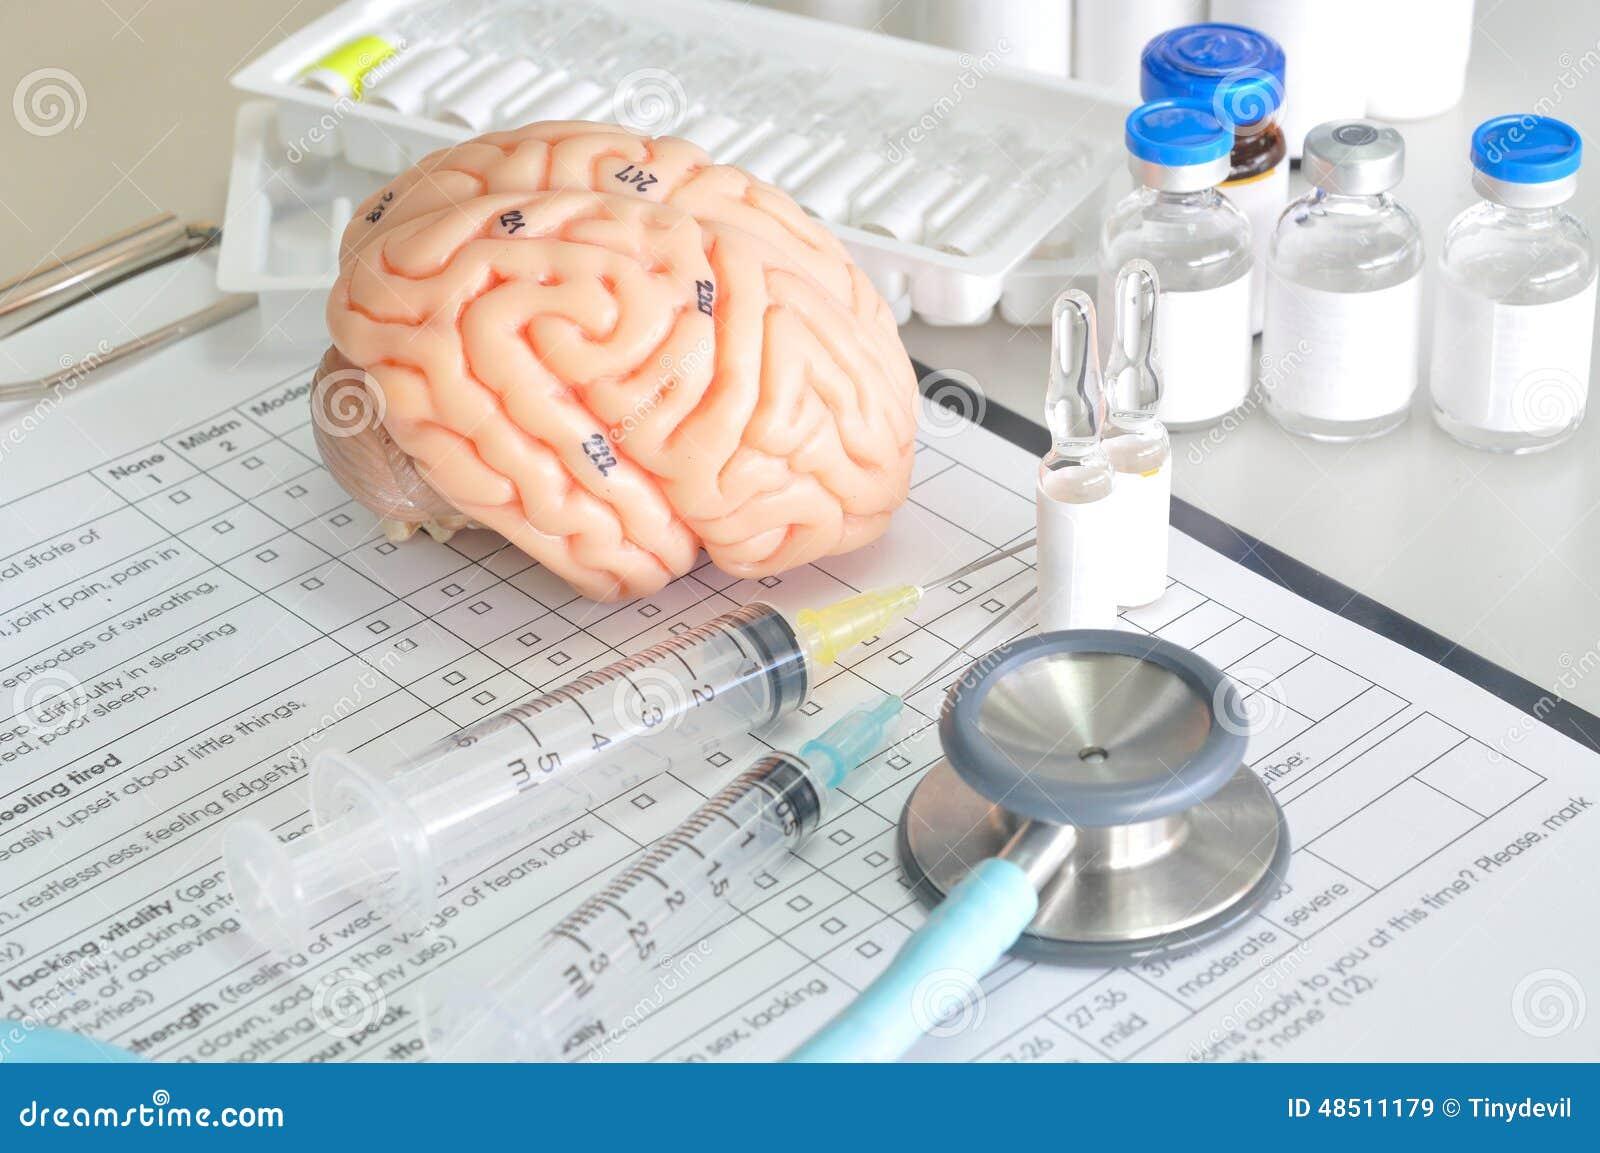 Modelo De La Anatomía Y Equipo De Laboratorio Imagen de archivo ...